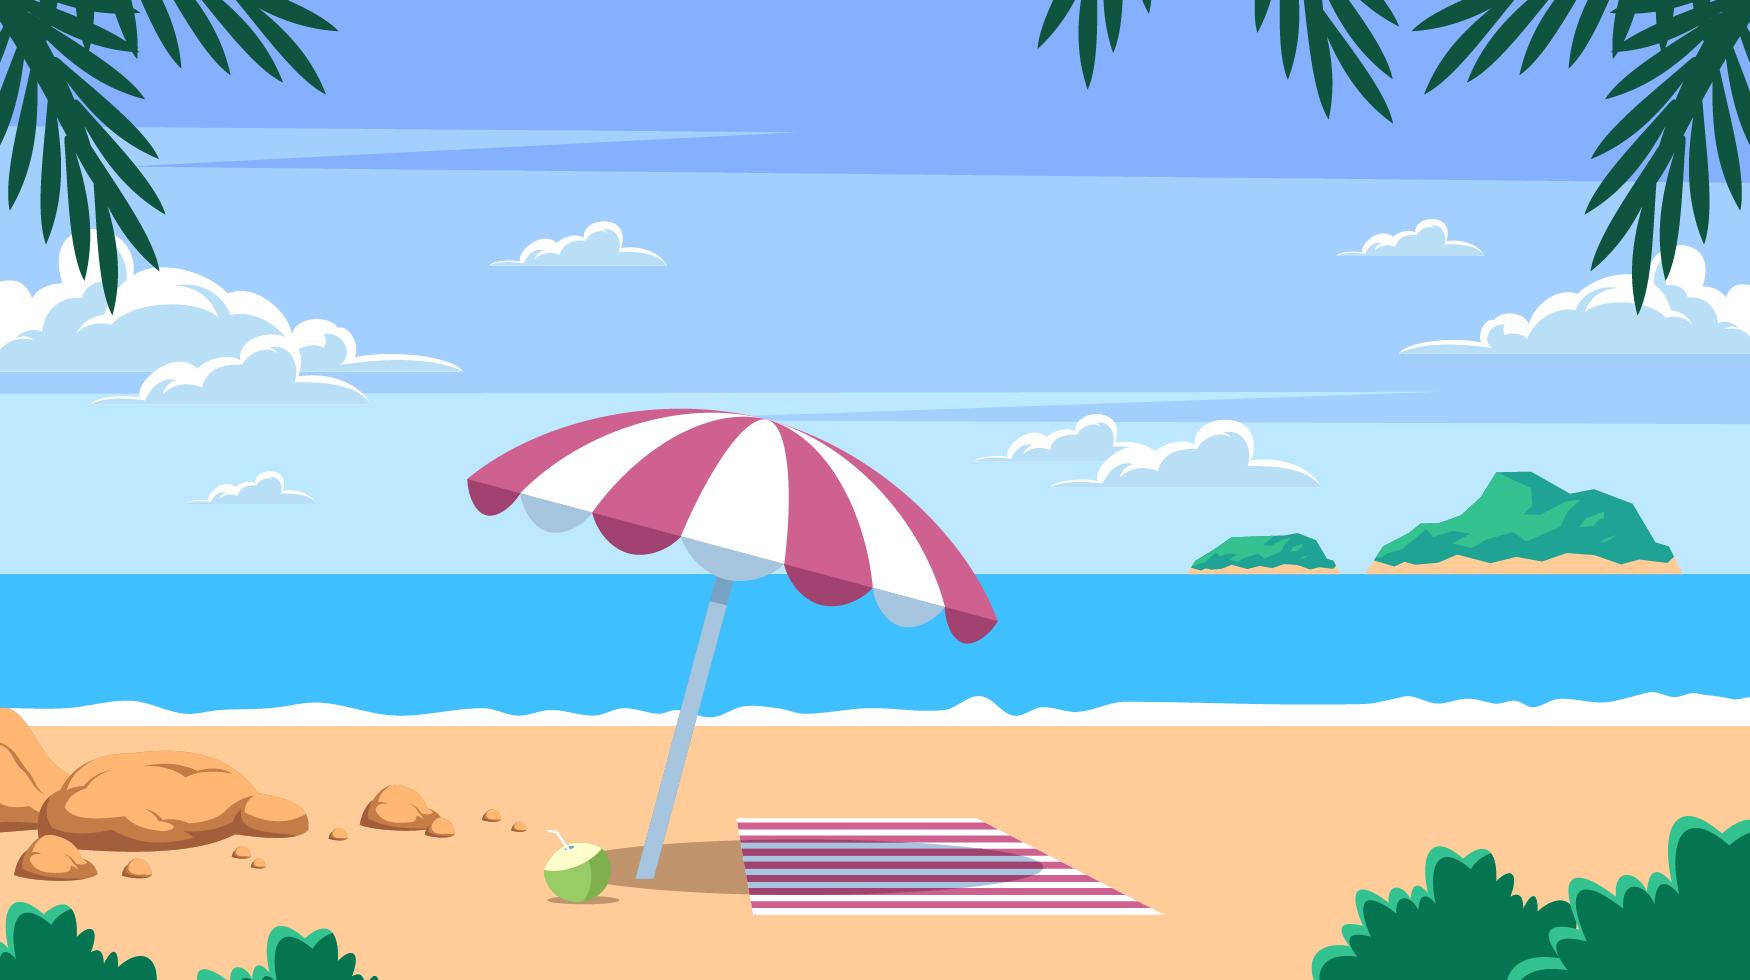 Beach Resort Landscape Vector - Download Free Vectors ...